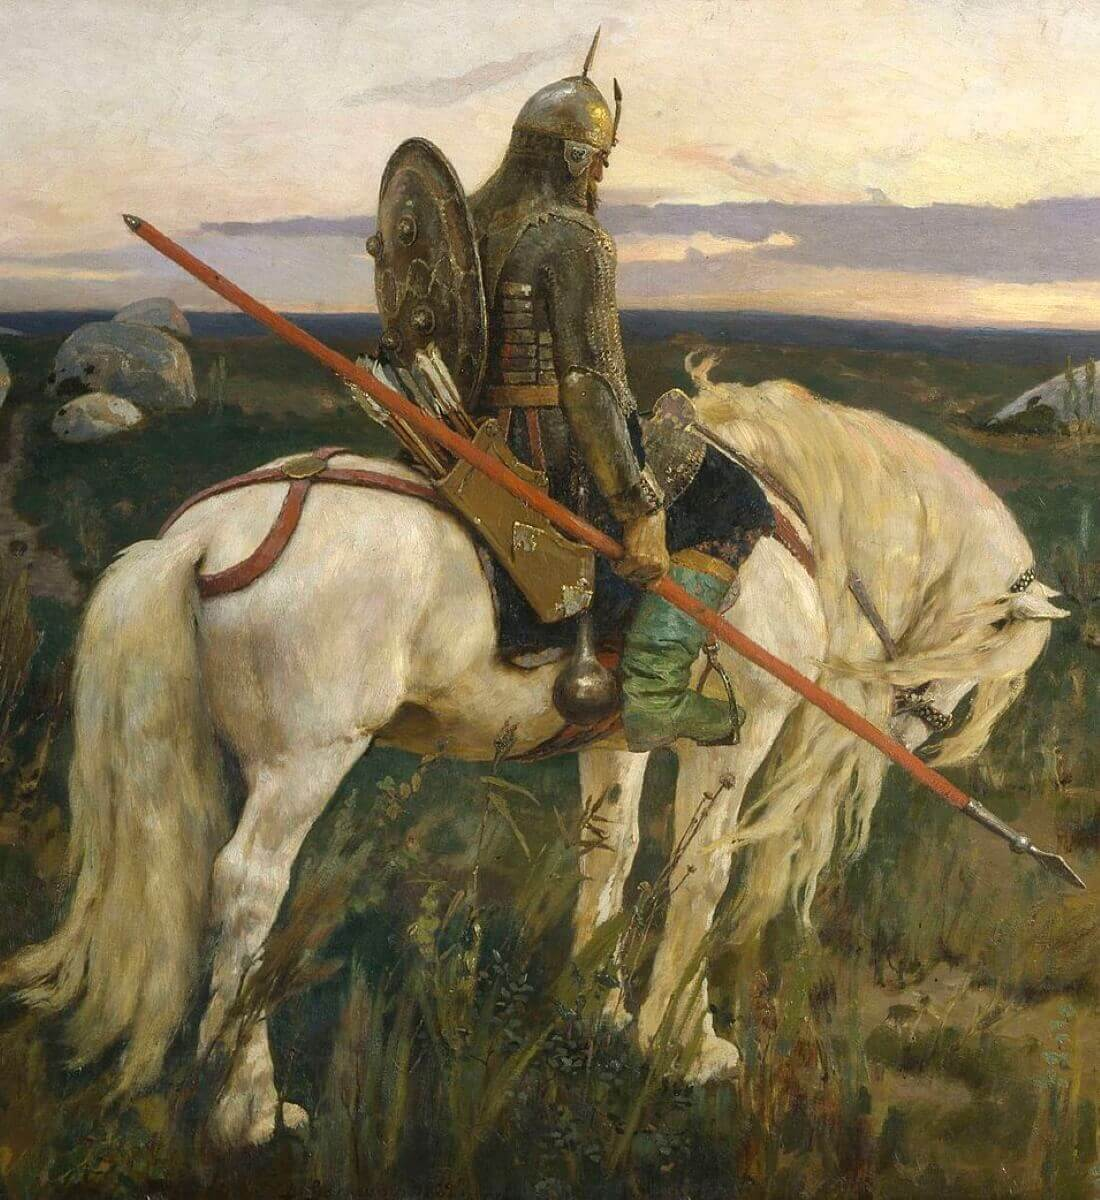 Витязь и его конь, фрагмент картины «Витязь на распутье»